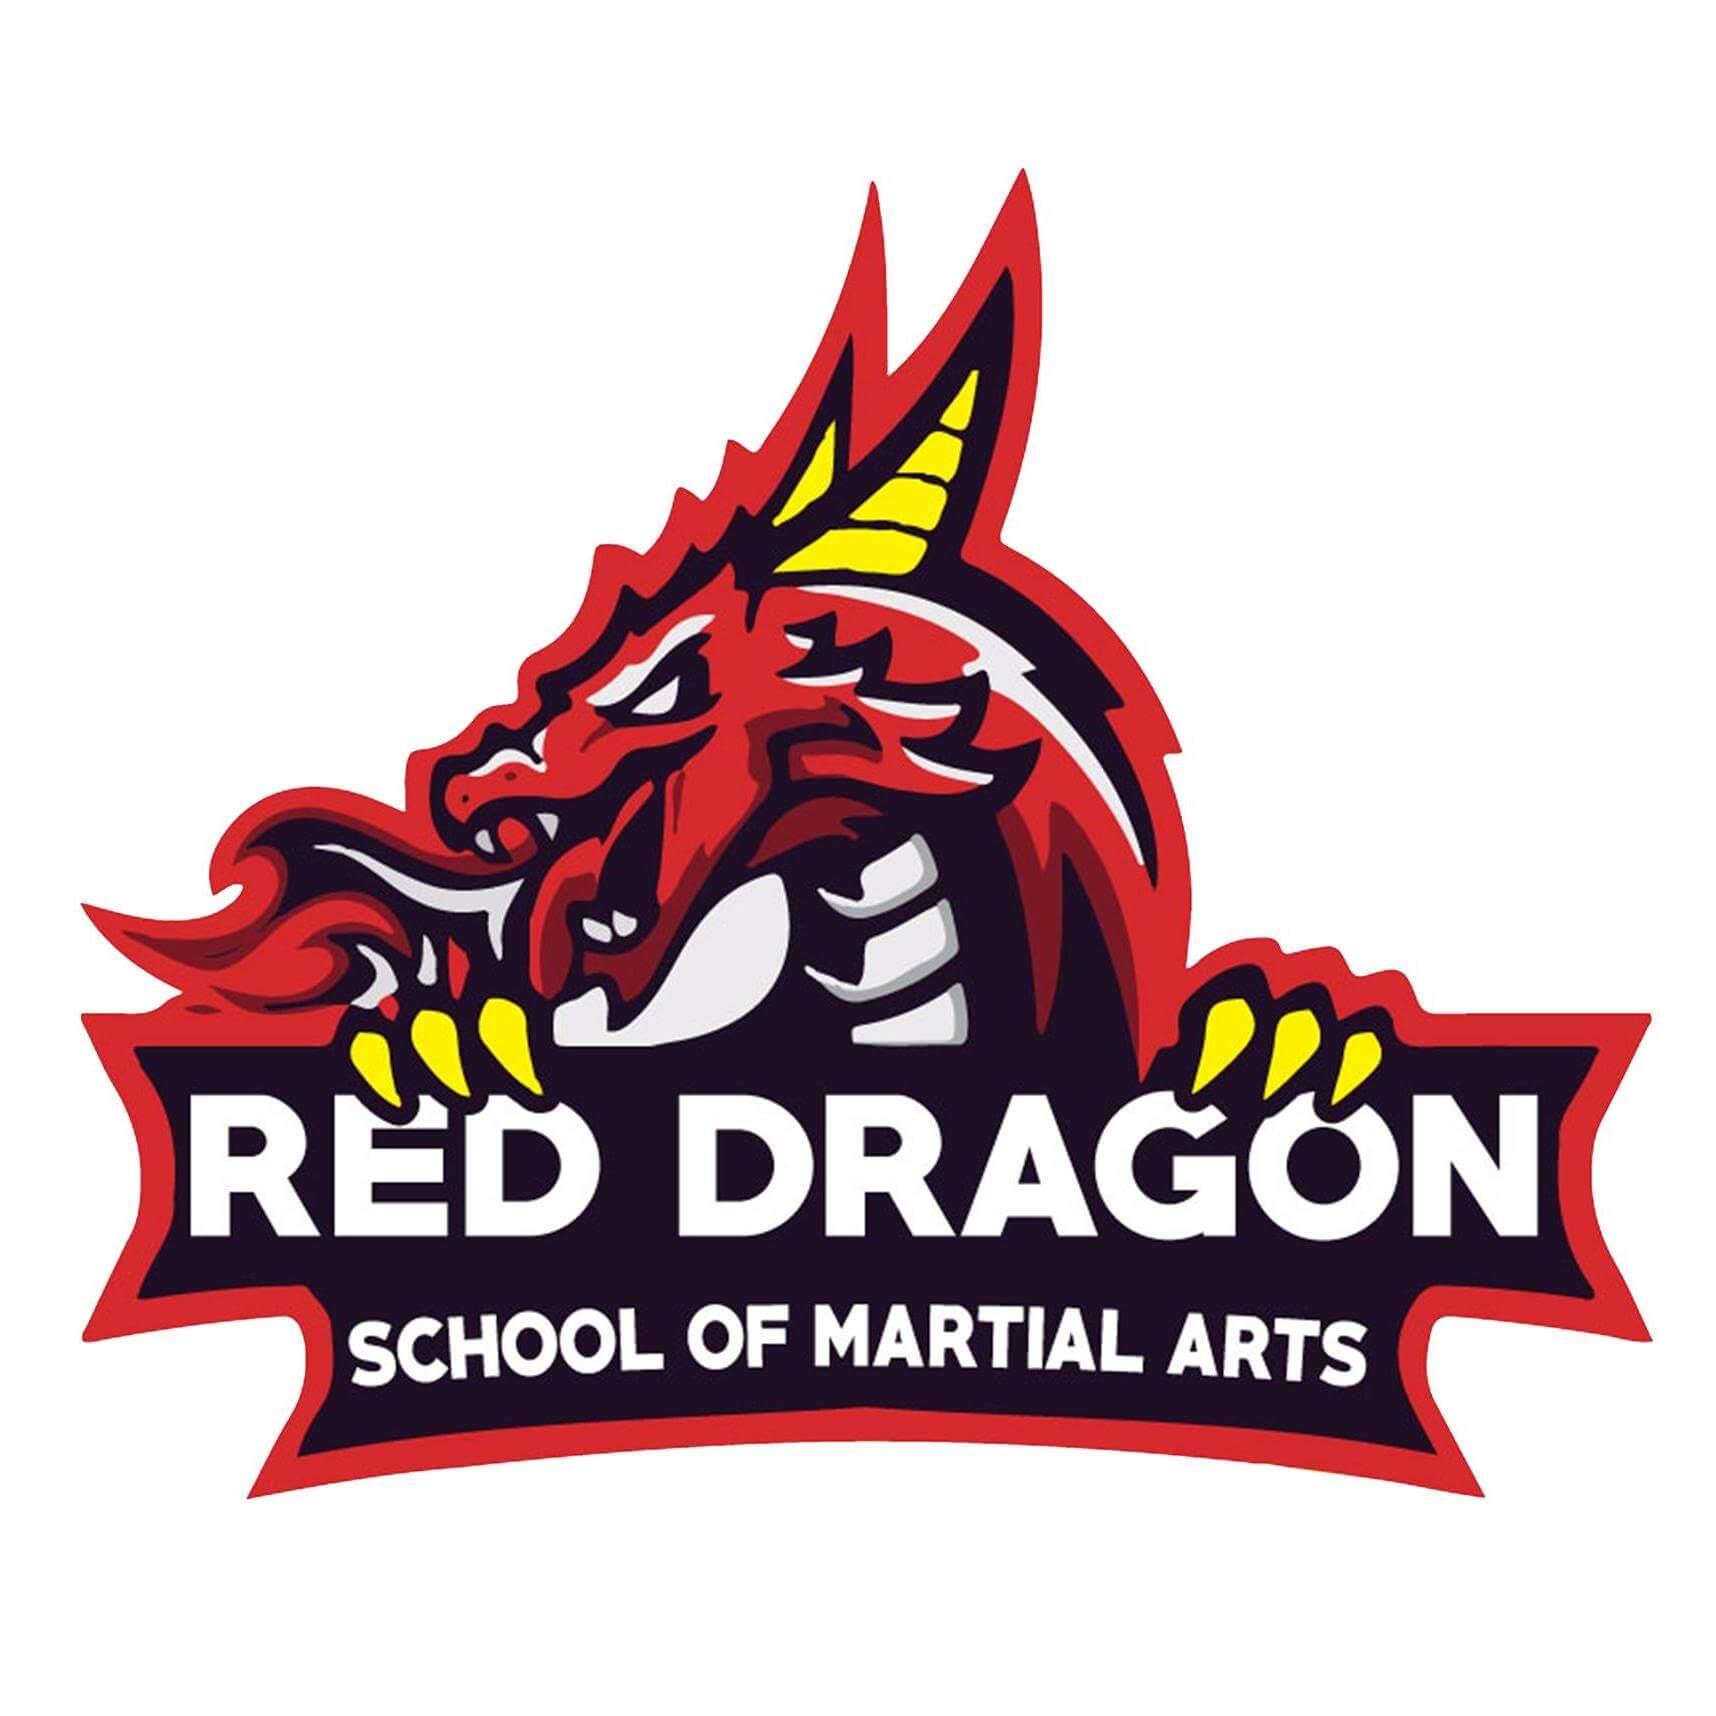 Red Dragon School of Martial Arts